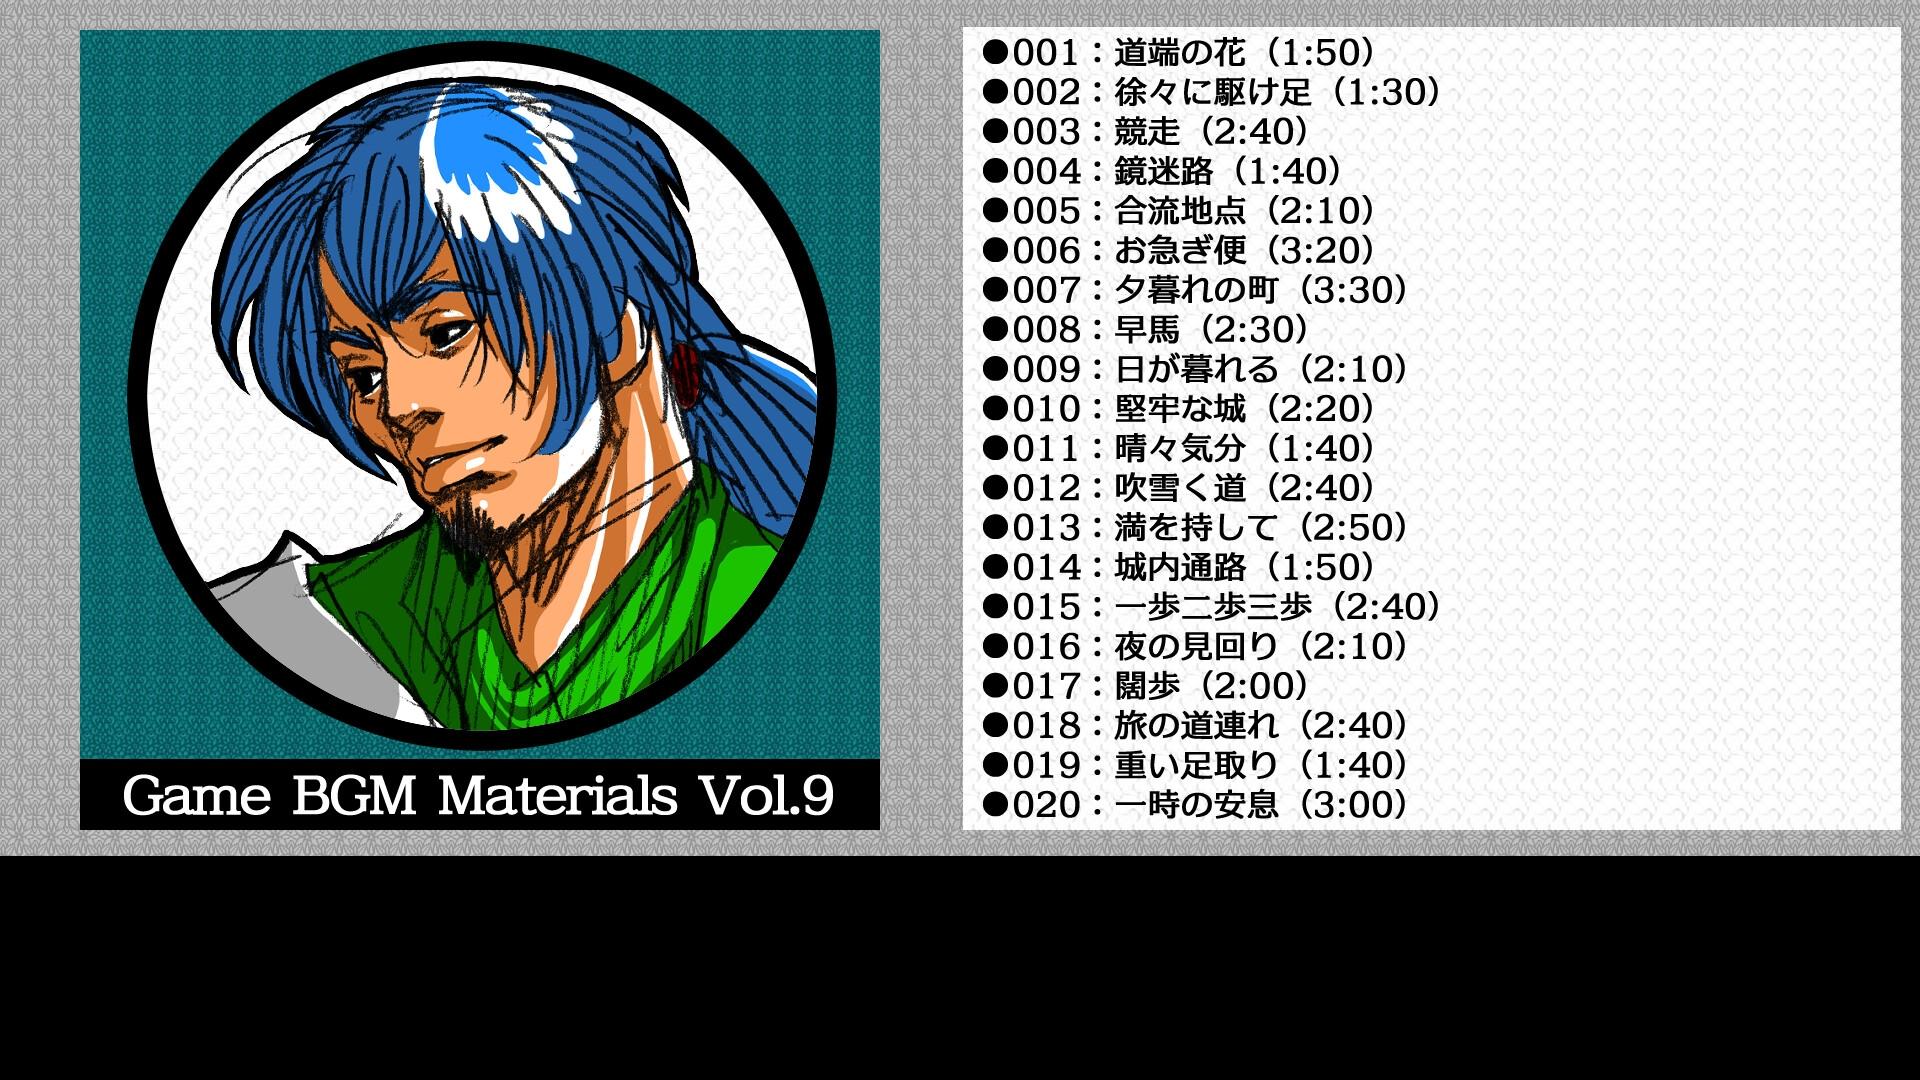 Game BGM Materials Vol.9